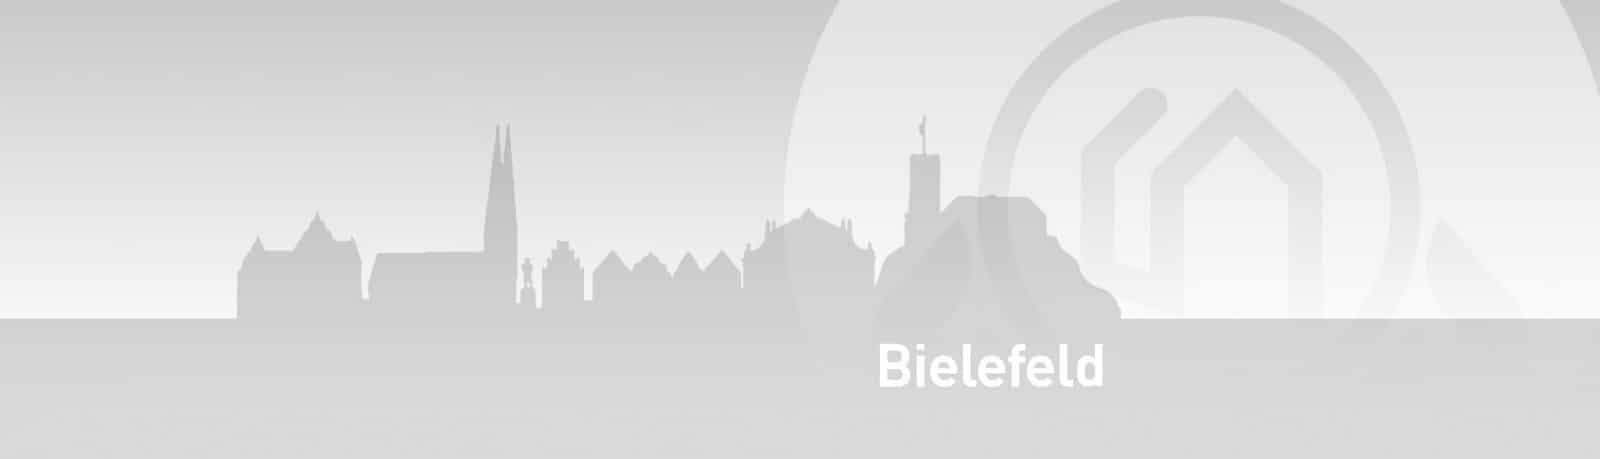 Bielefeld SENCURINA 1904x546 - Besondere Leistungen Bielefeld